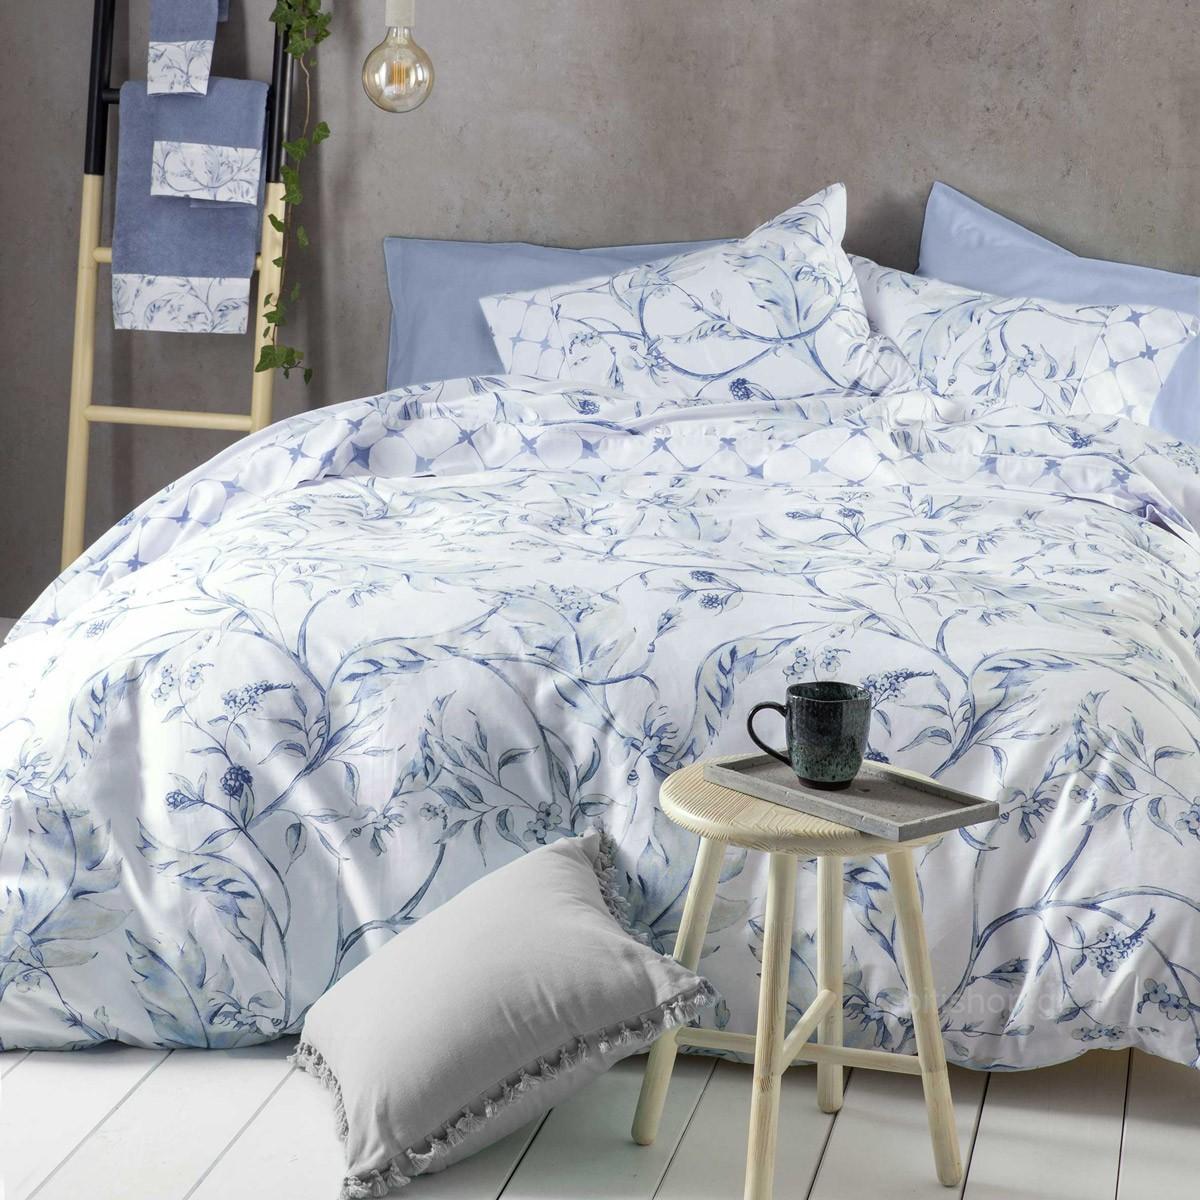 Σεντόνια Υπέρδιπλα (Σετ) Nima Bed Linen Oriana Blue